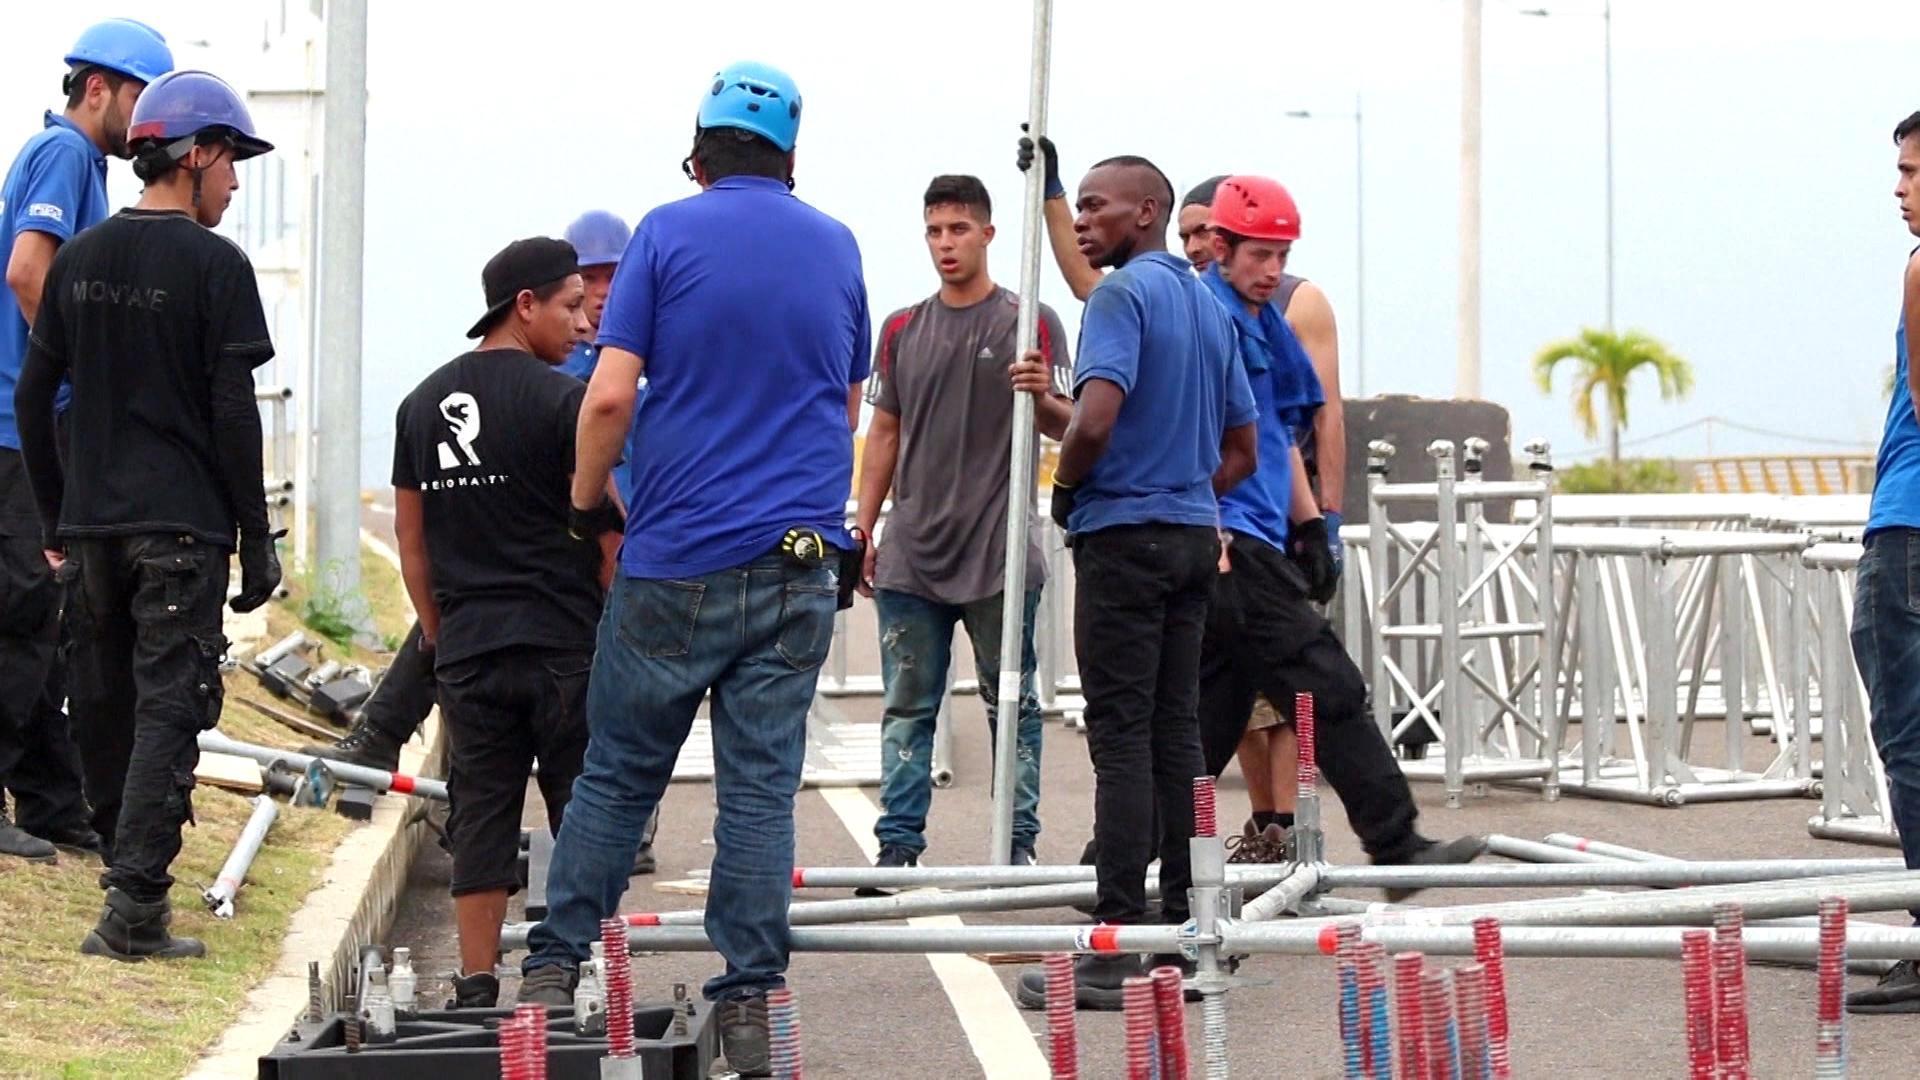 El show se llevará a cabo en el lado del puente de Tienditas (AFP)